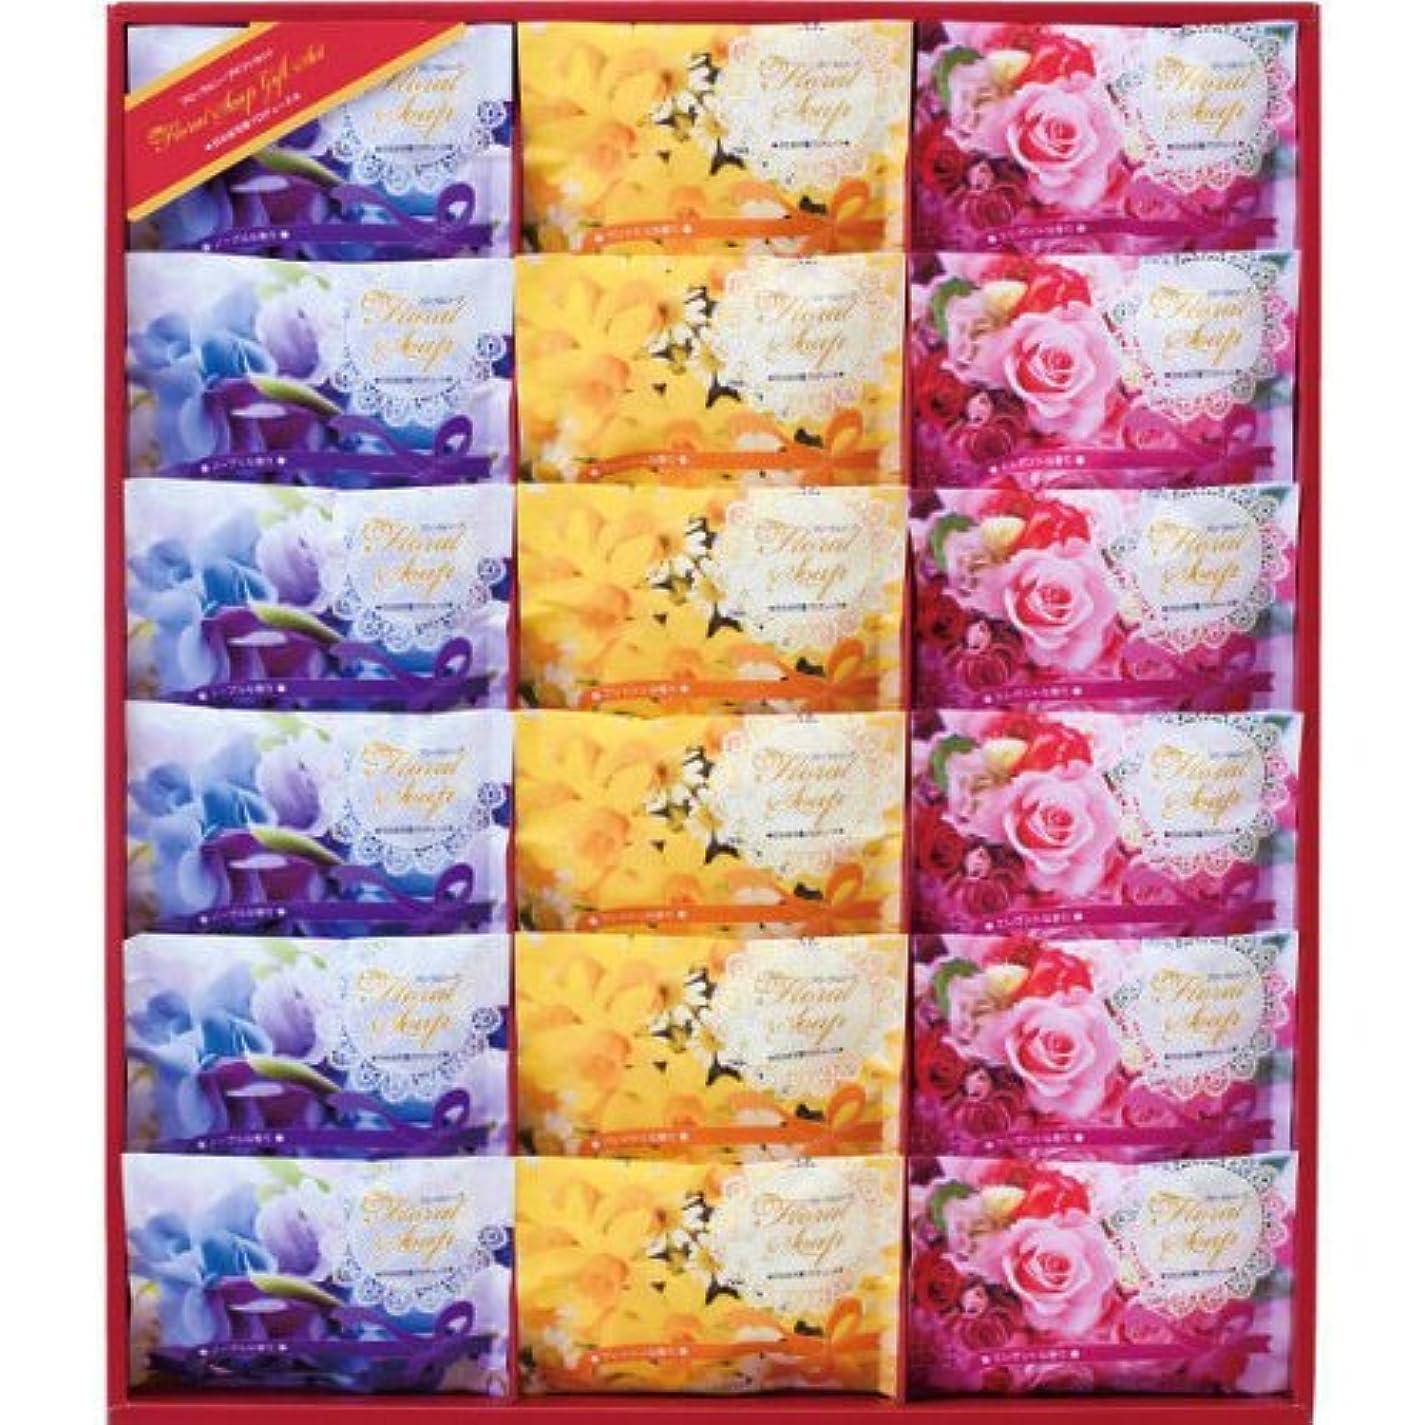 憲法吹雪食物フローラルソープセット 日比谷花壇プロデュース HFS-30